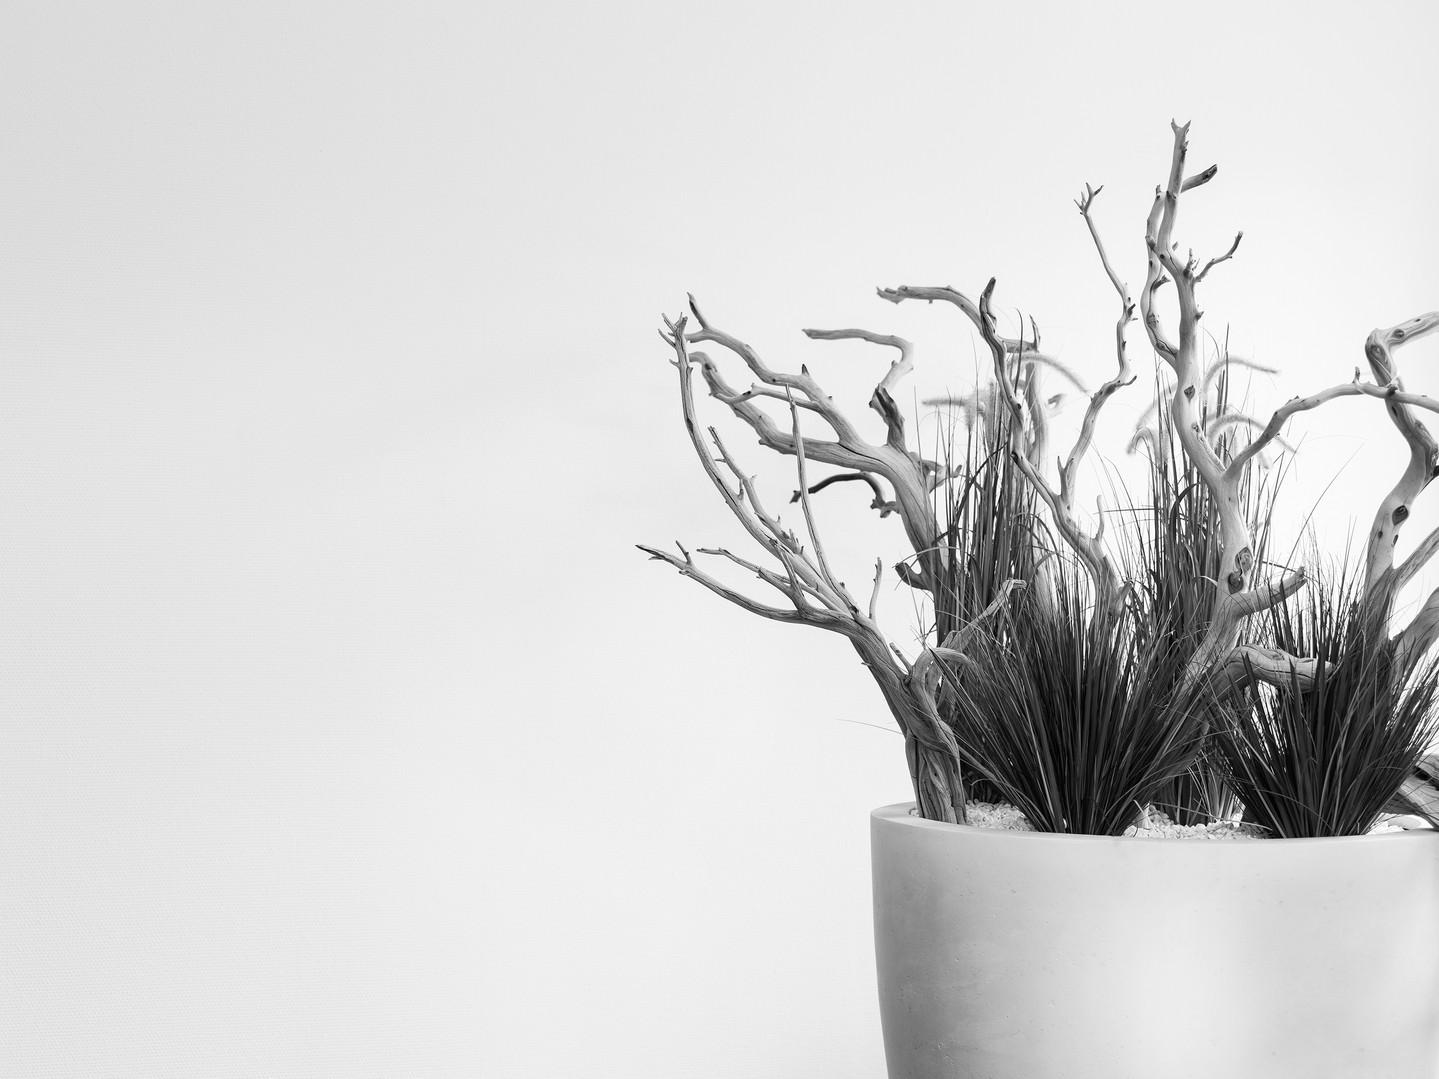 Unsere internen Strukturen sind schlank. Den Aufträgen unserer Kunden begegnen wir entsprechend flexibel.